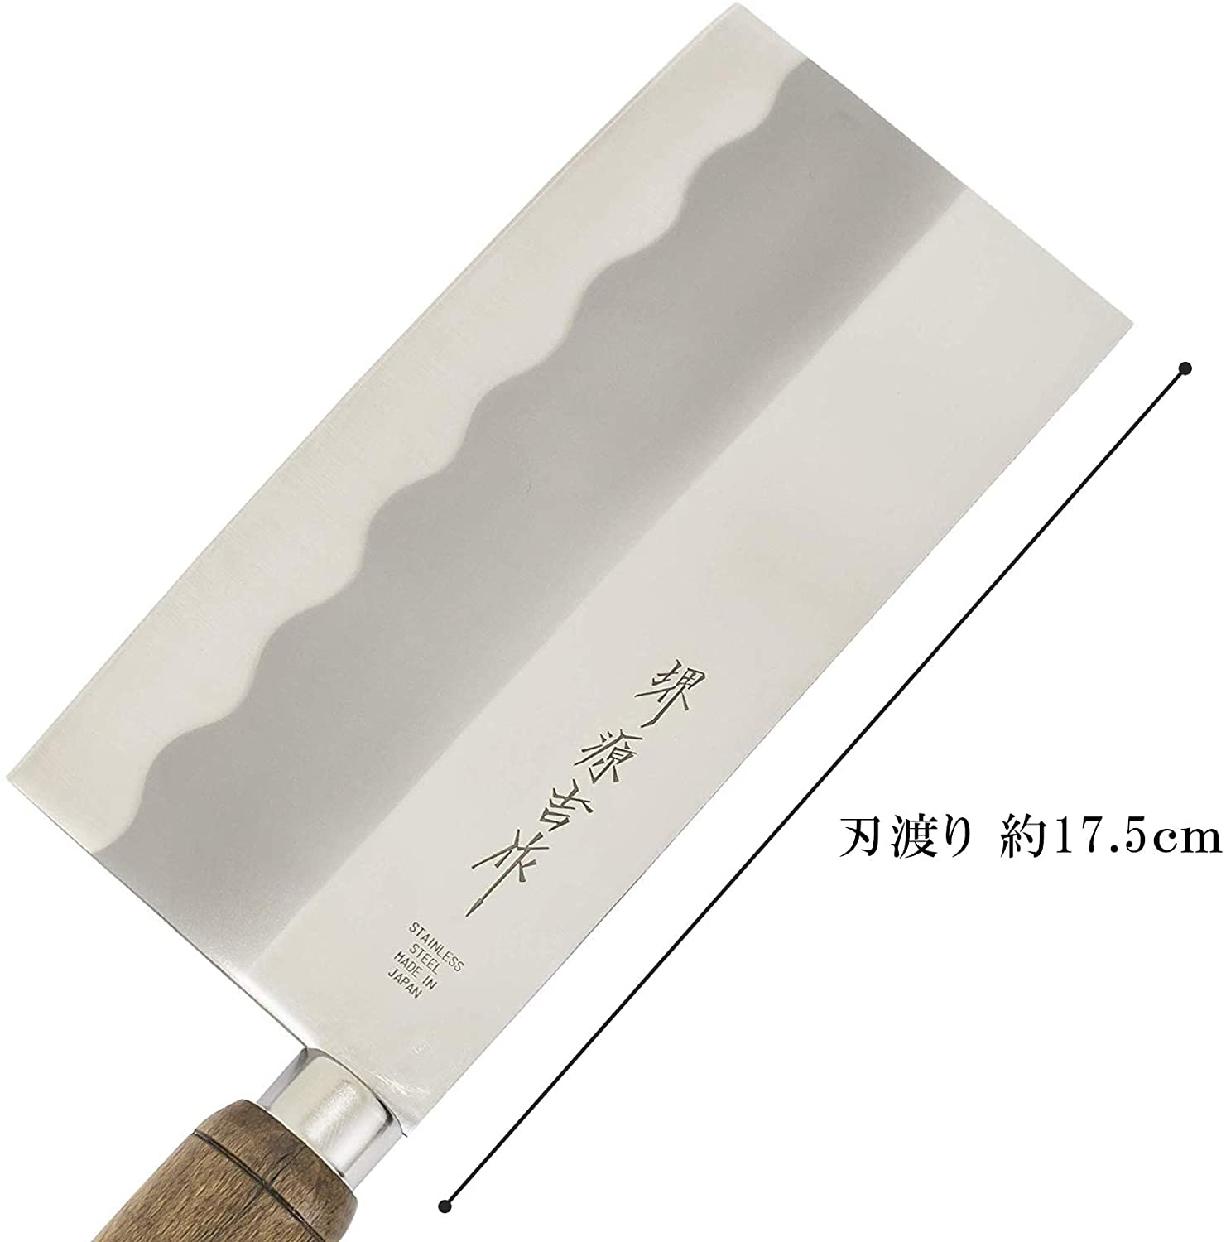 堺源吉作(Sakai Genkichi) 中華 包丁 175mm ステンレス 太鼓柄の商品画像4